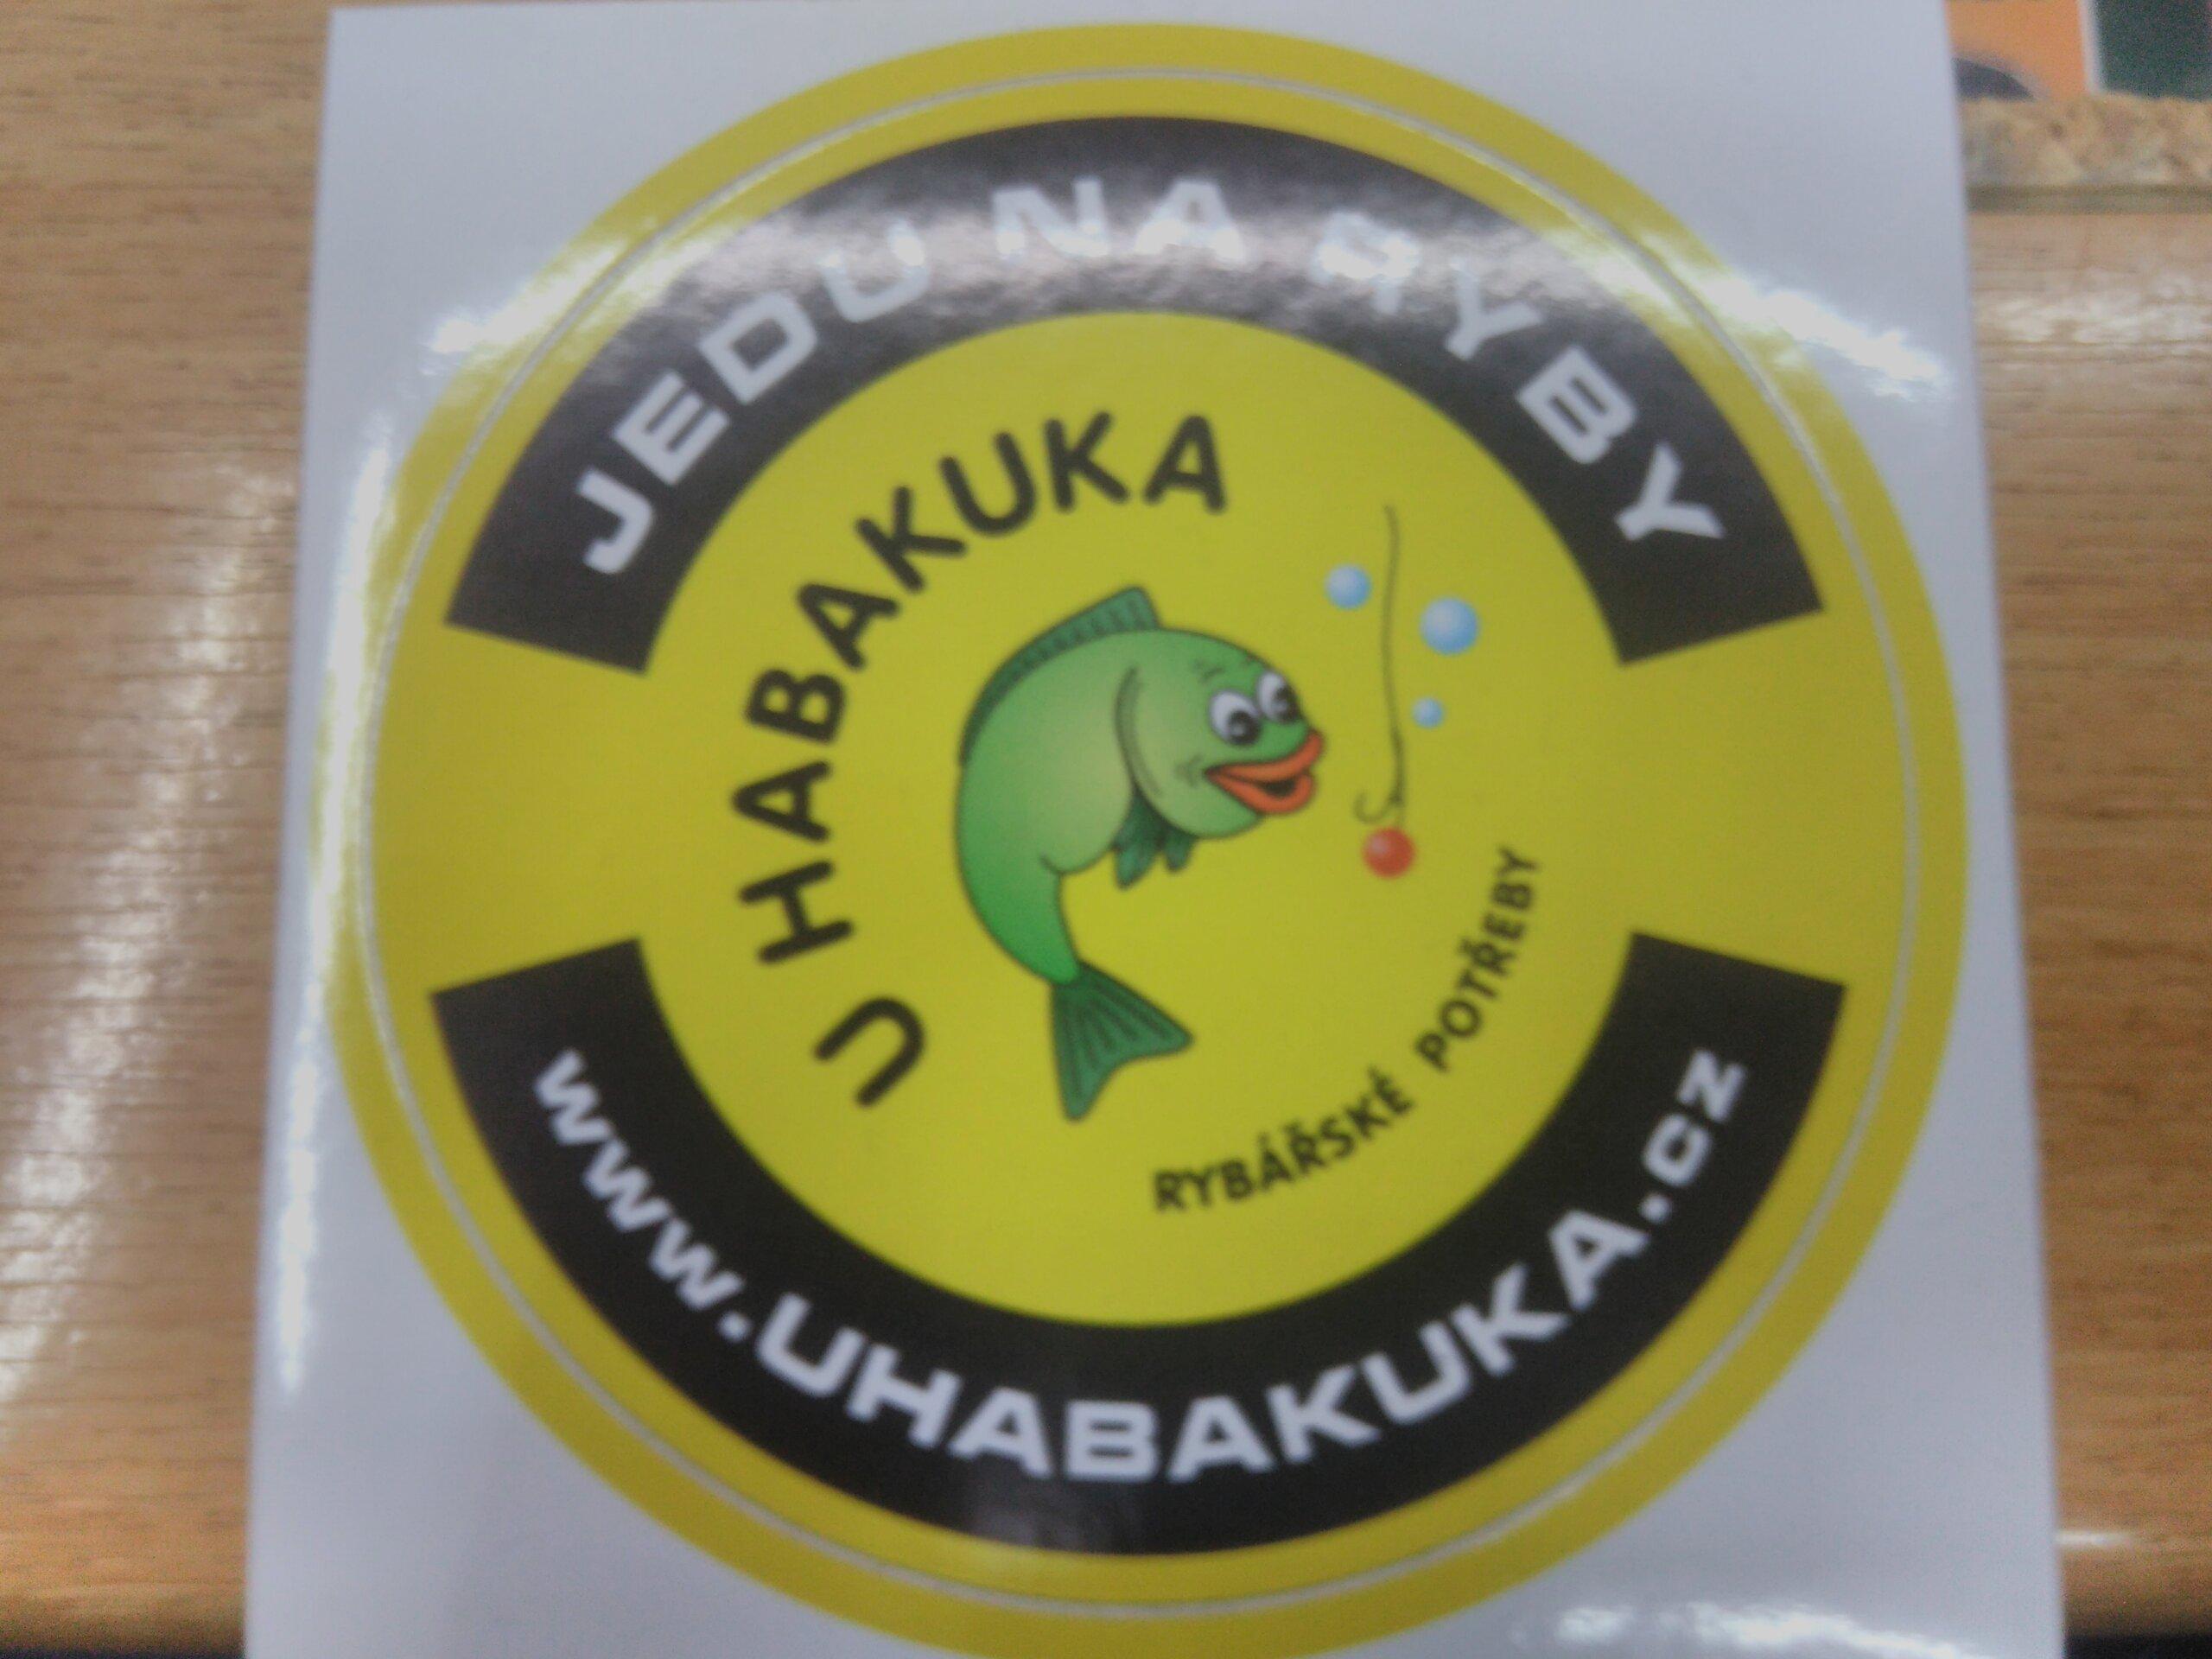 Rybářské Potřeby U HABAKUKA 3 scaled